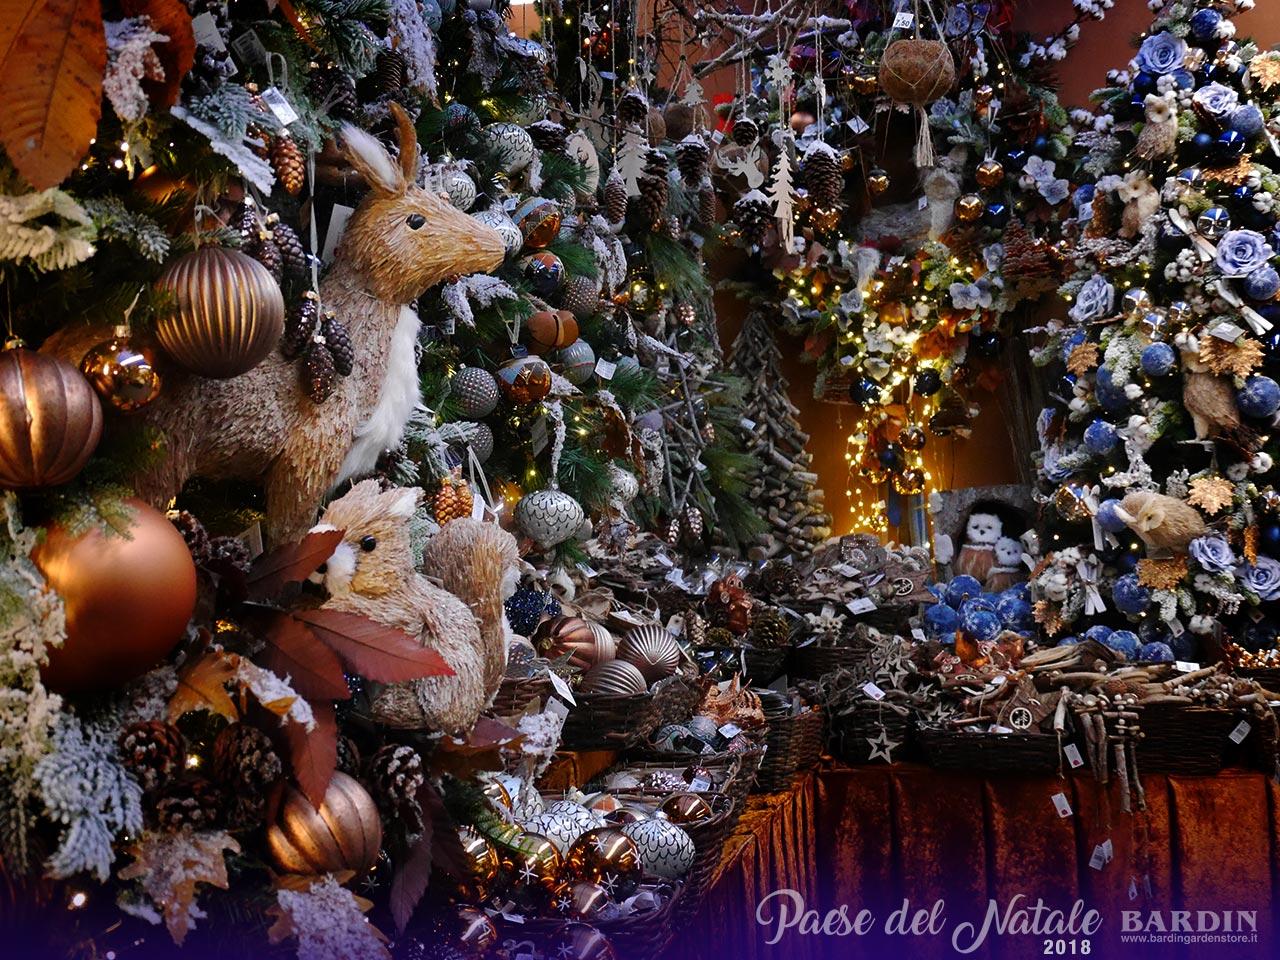 Il paese del natale di bardin garden store for Obi addobbi natalizi